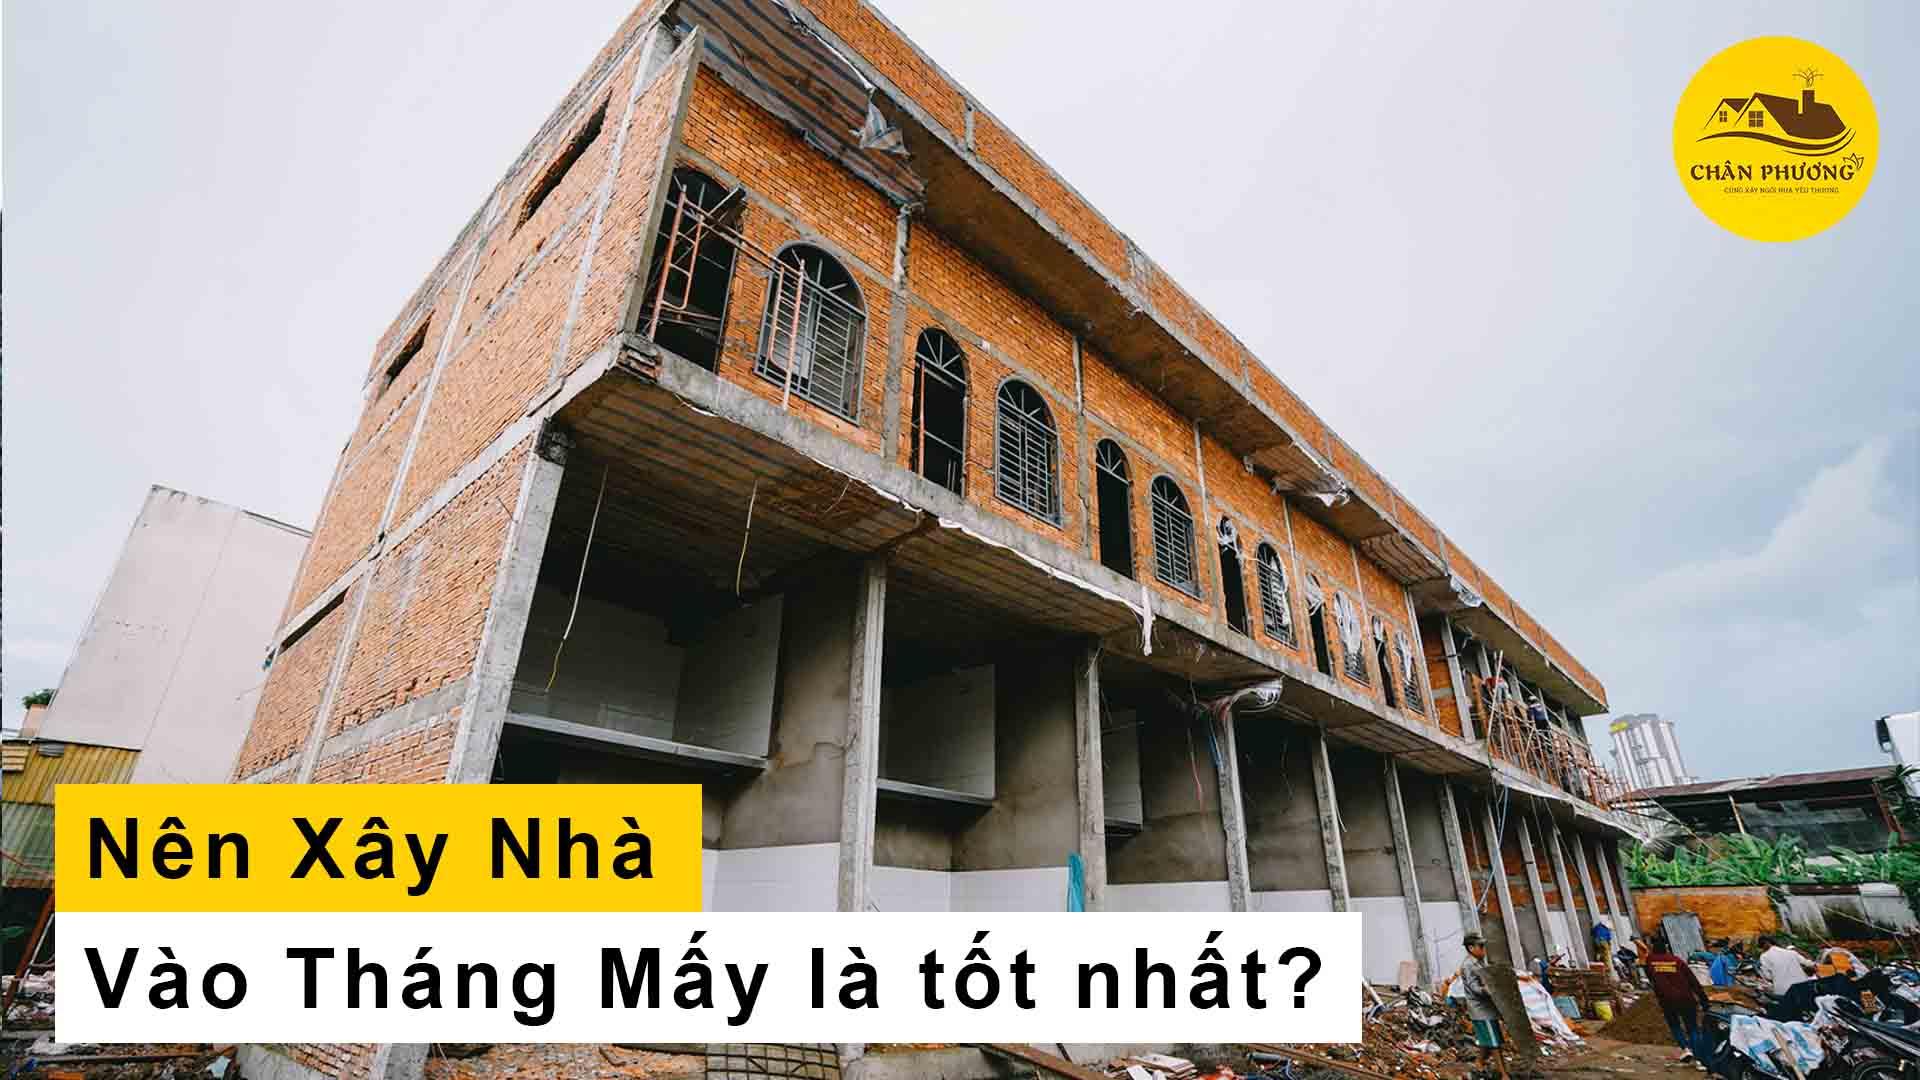 Xây nhà vào tháng mấy là tốt nhất?